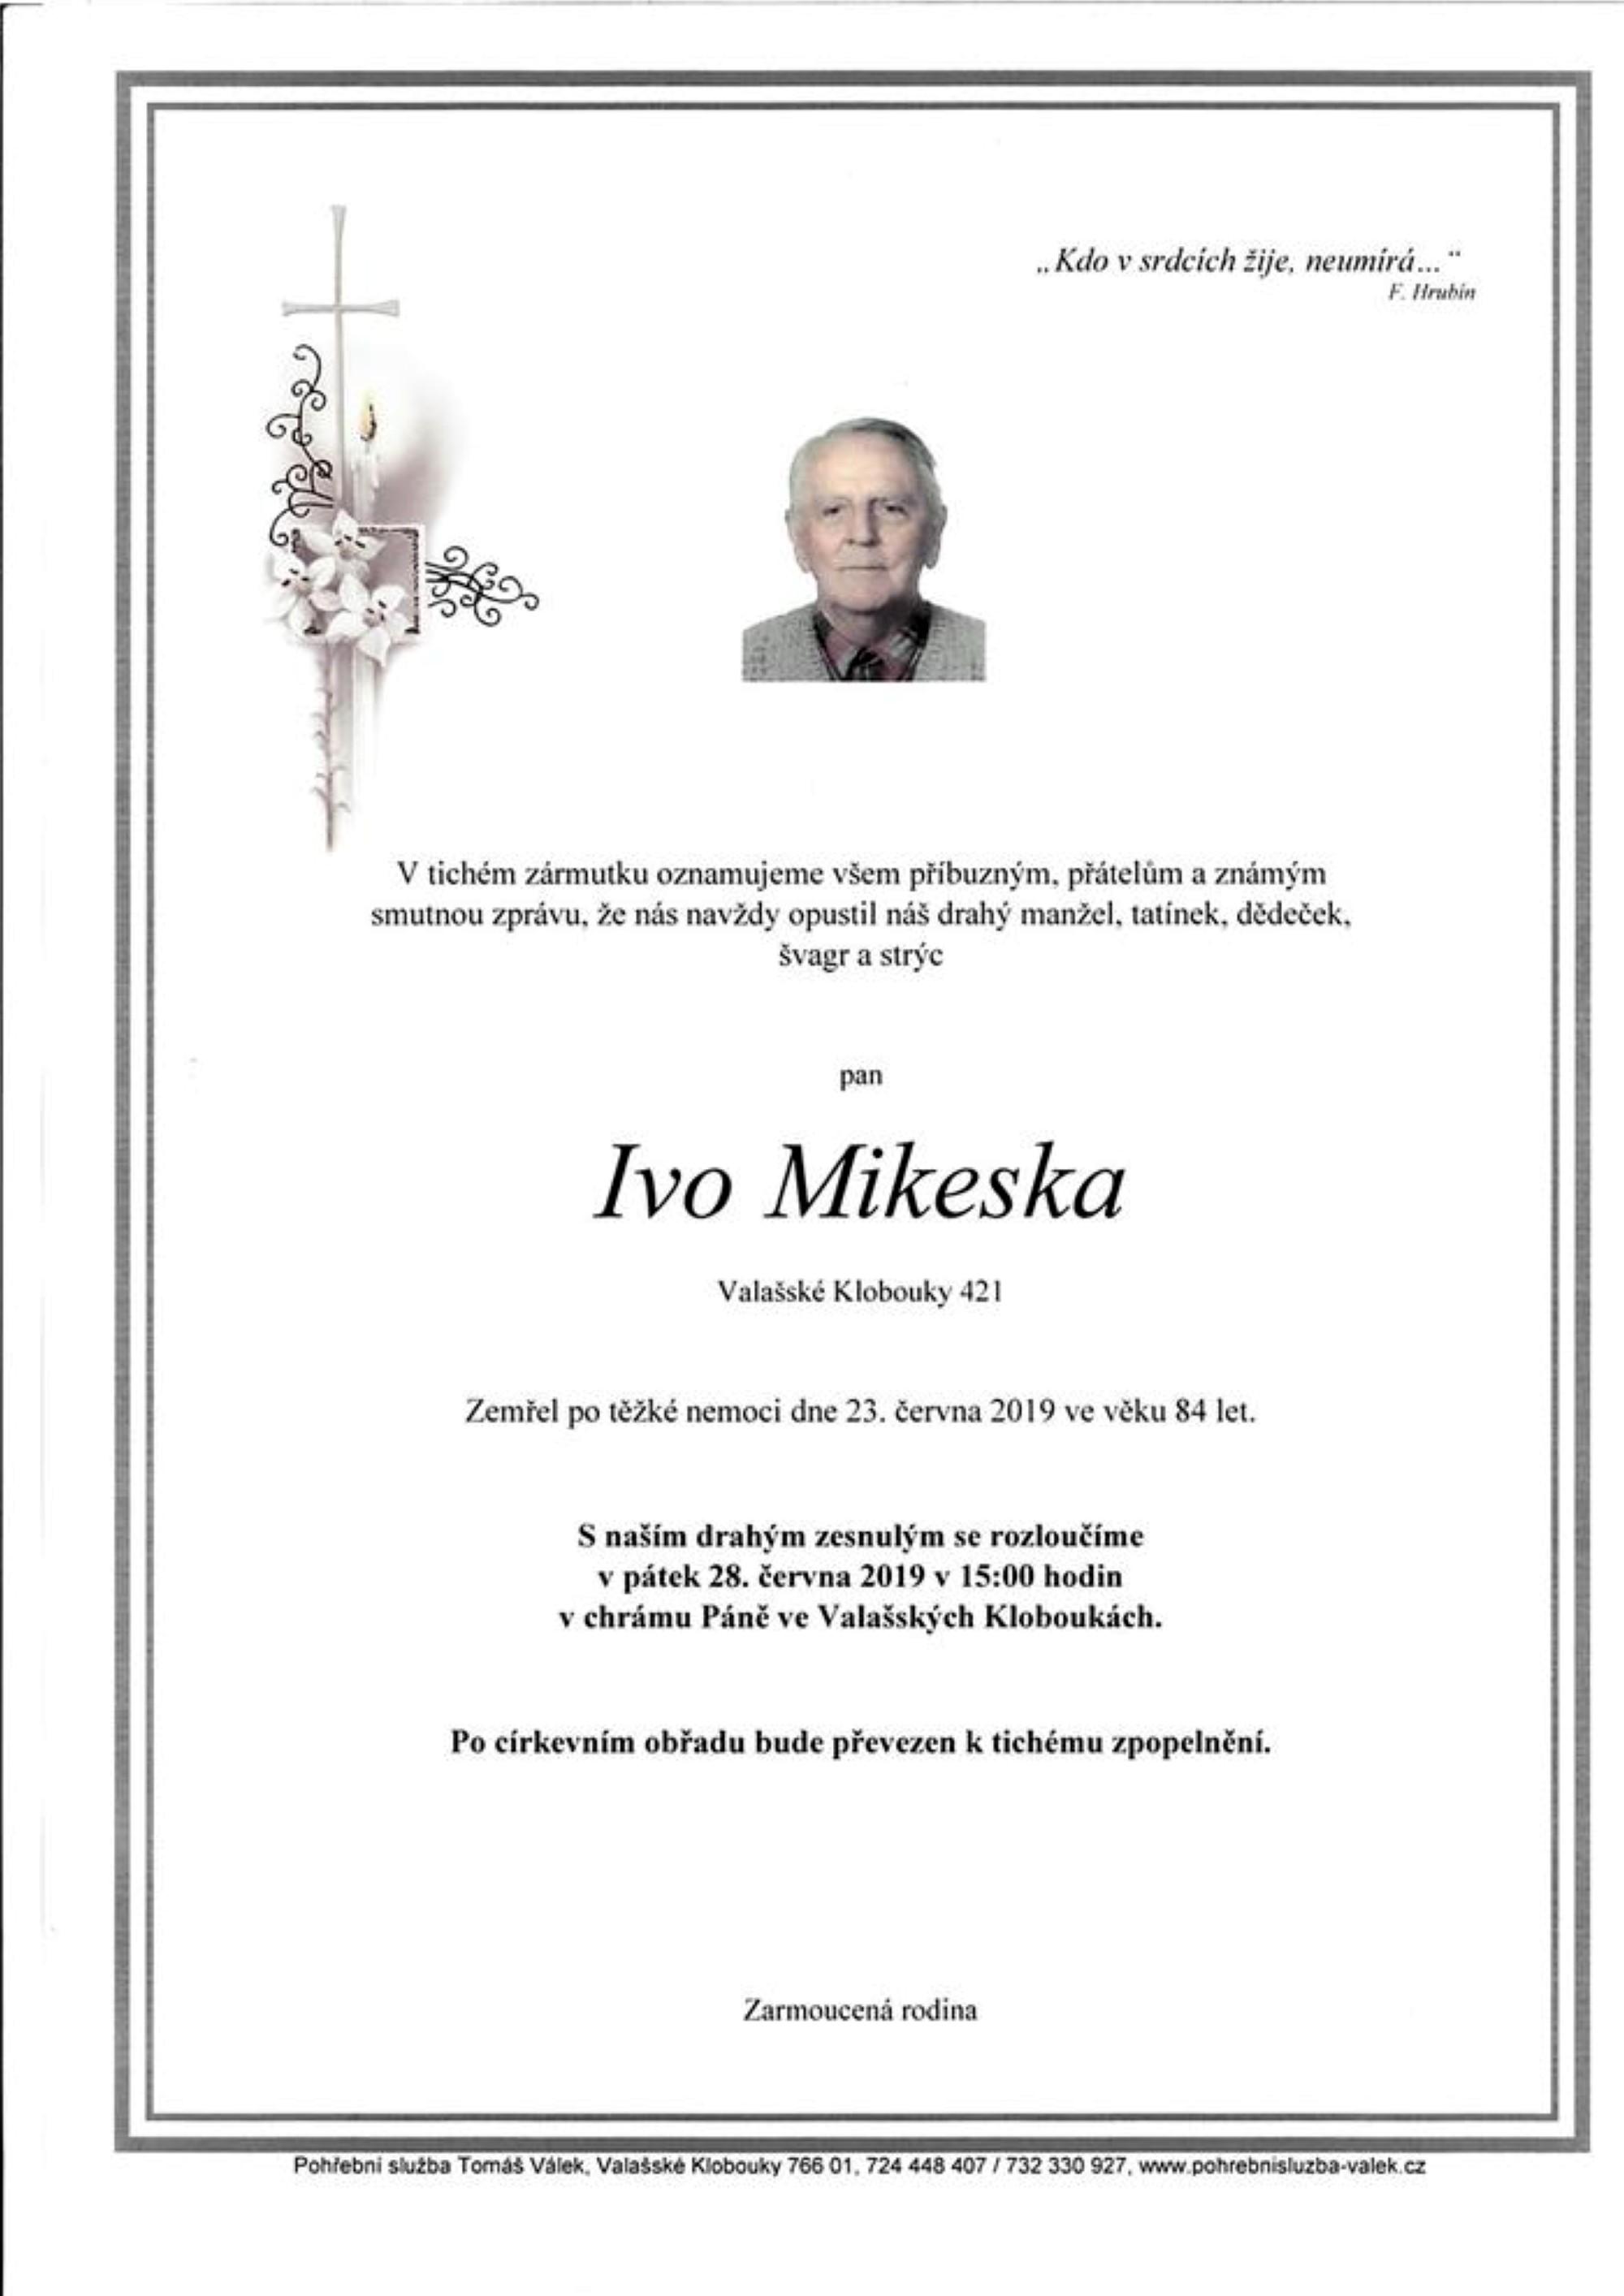 Ivo Mikeska